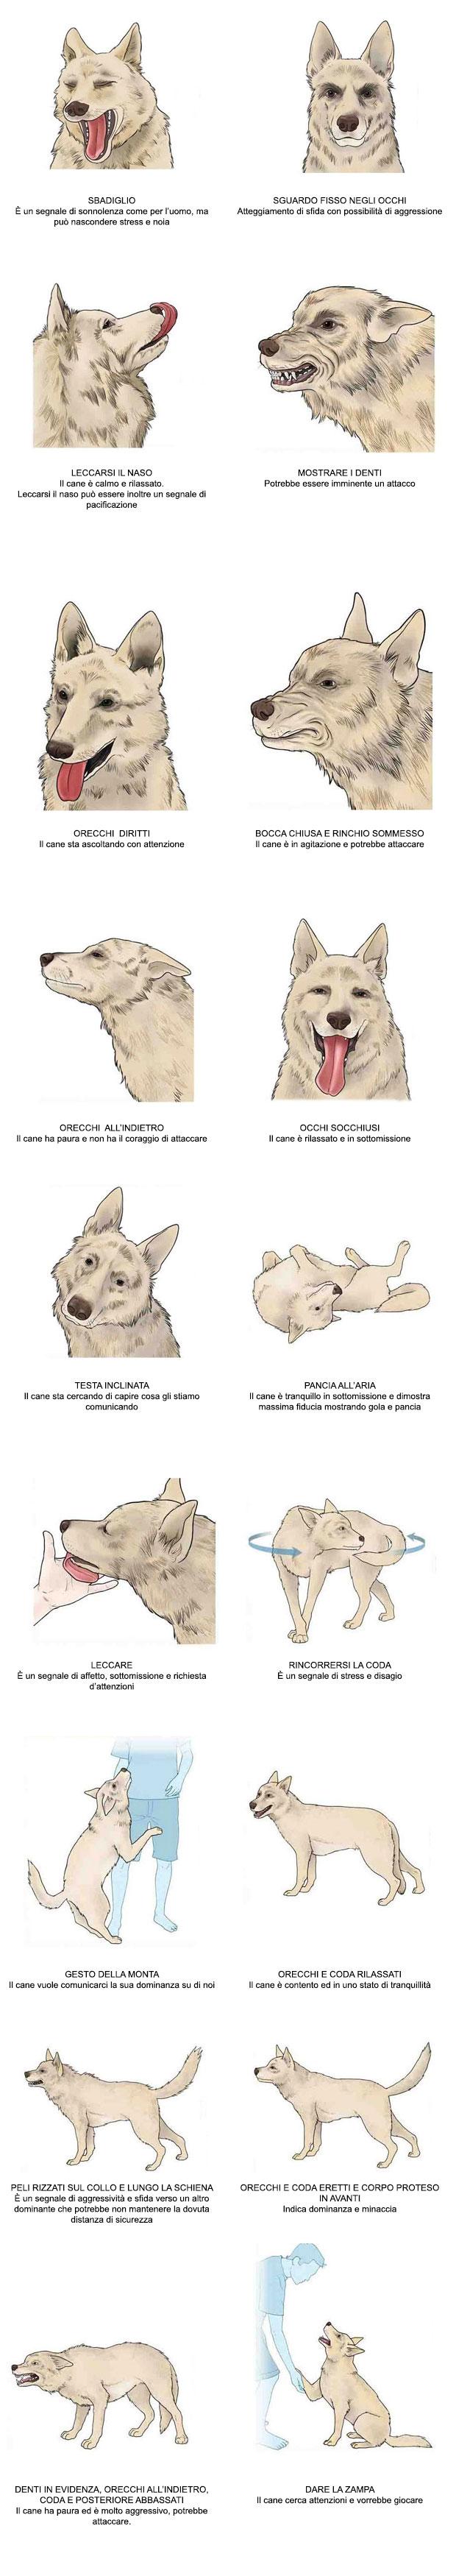 il-inguaggio-del-cane